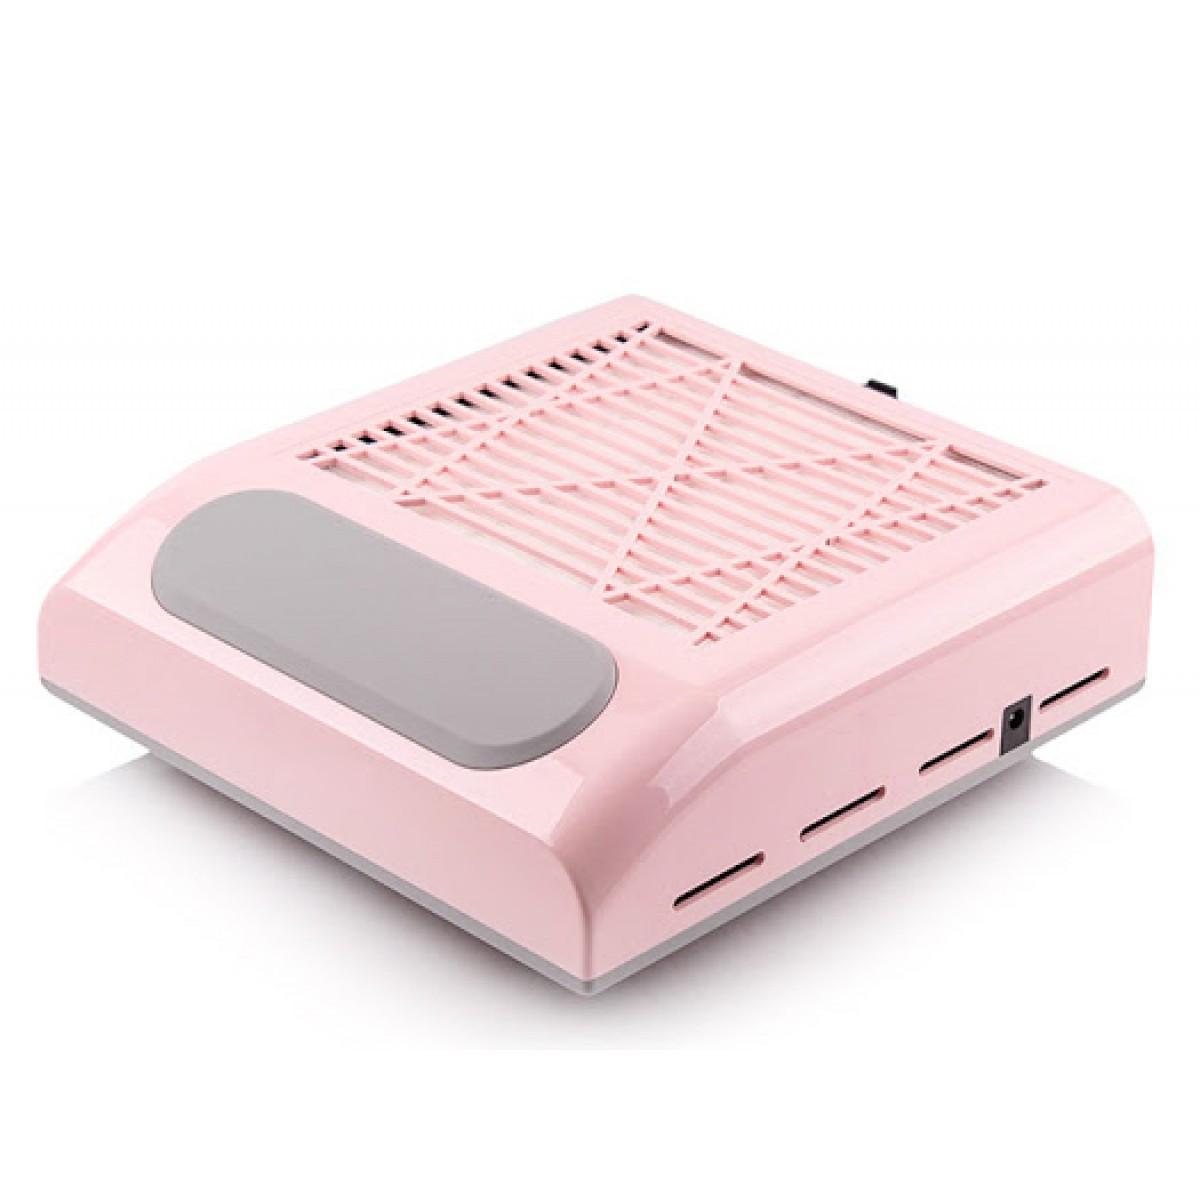 Вытяжка для маникюра 858-8 c фильтром 80W розовая